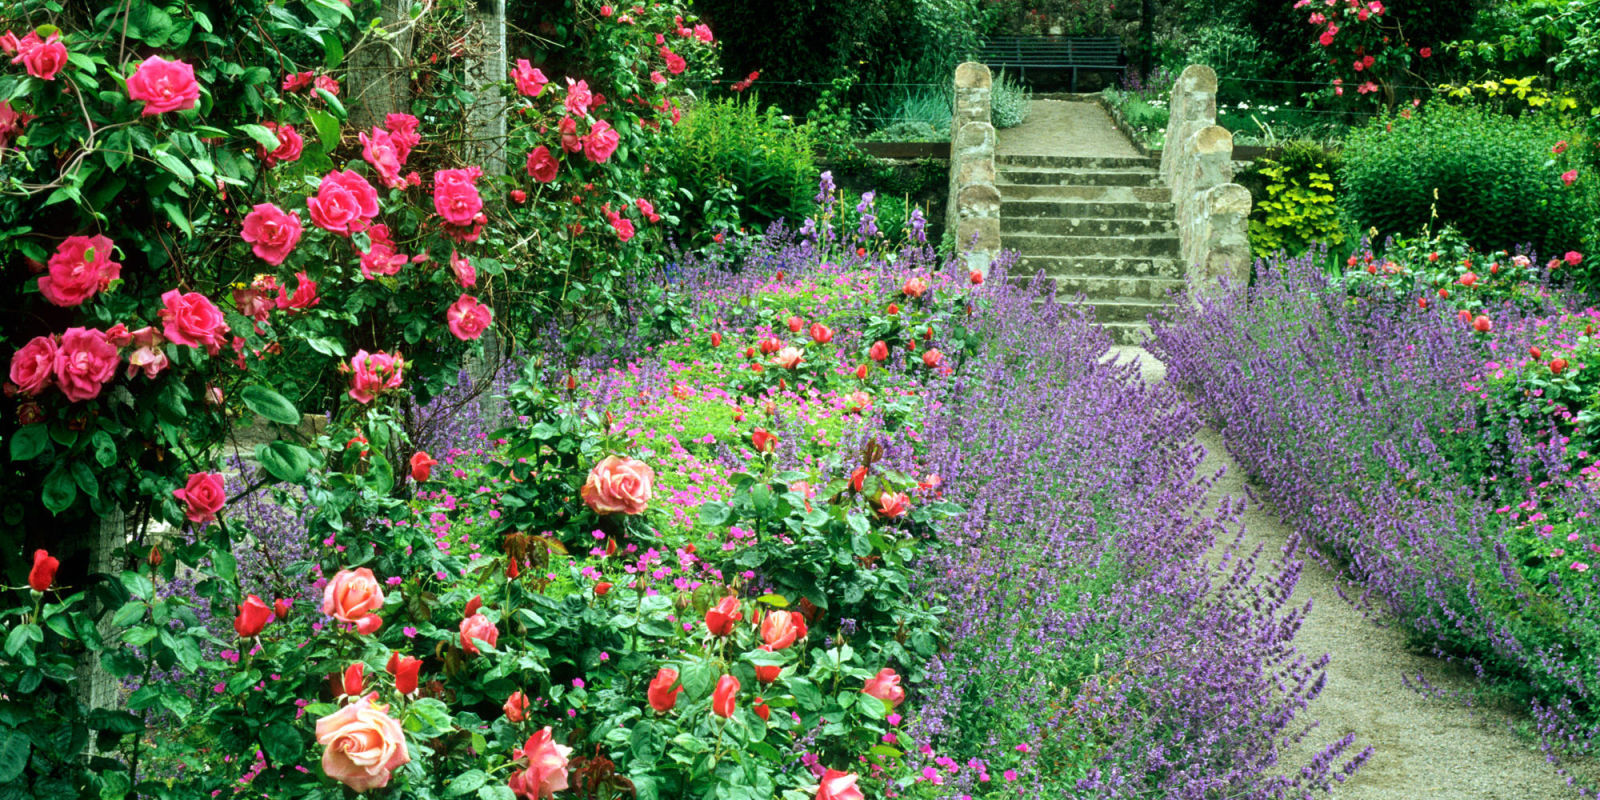 9 Cottage Style Garden Ideas - Gardening Ideas on Cottage Patio Ideas id=23577